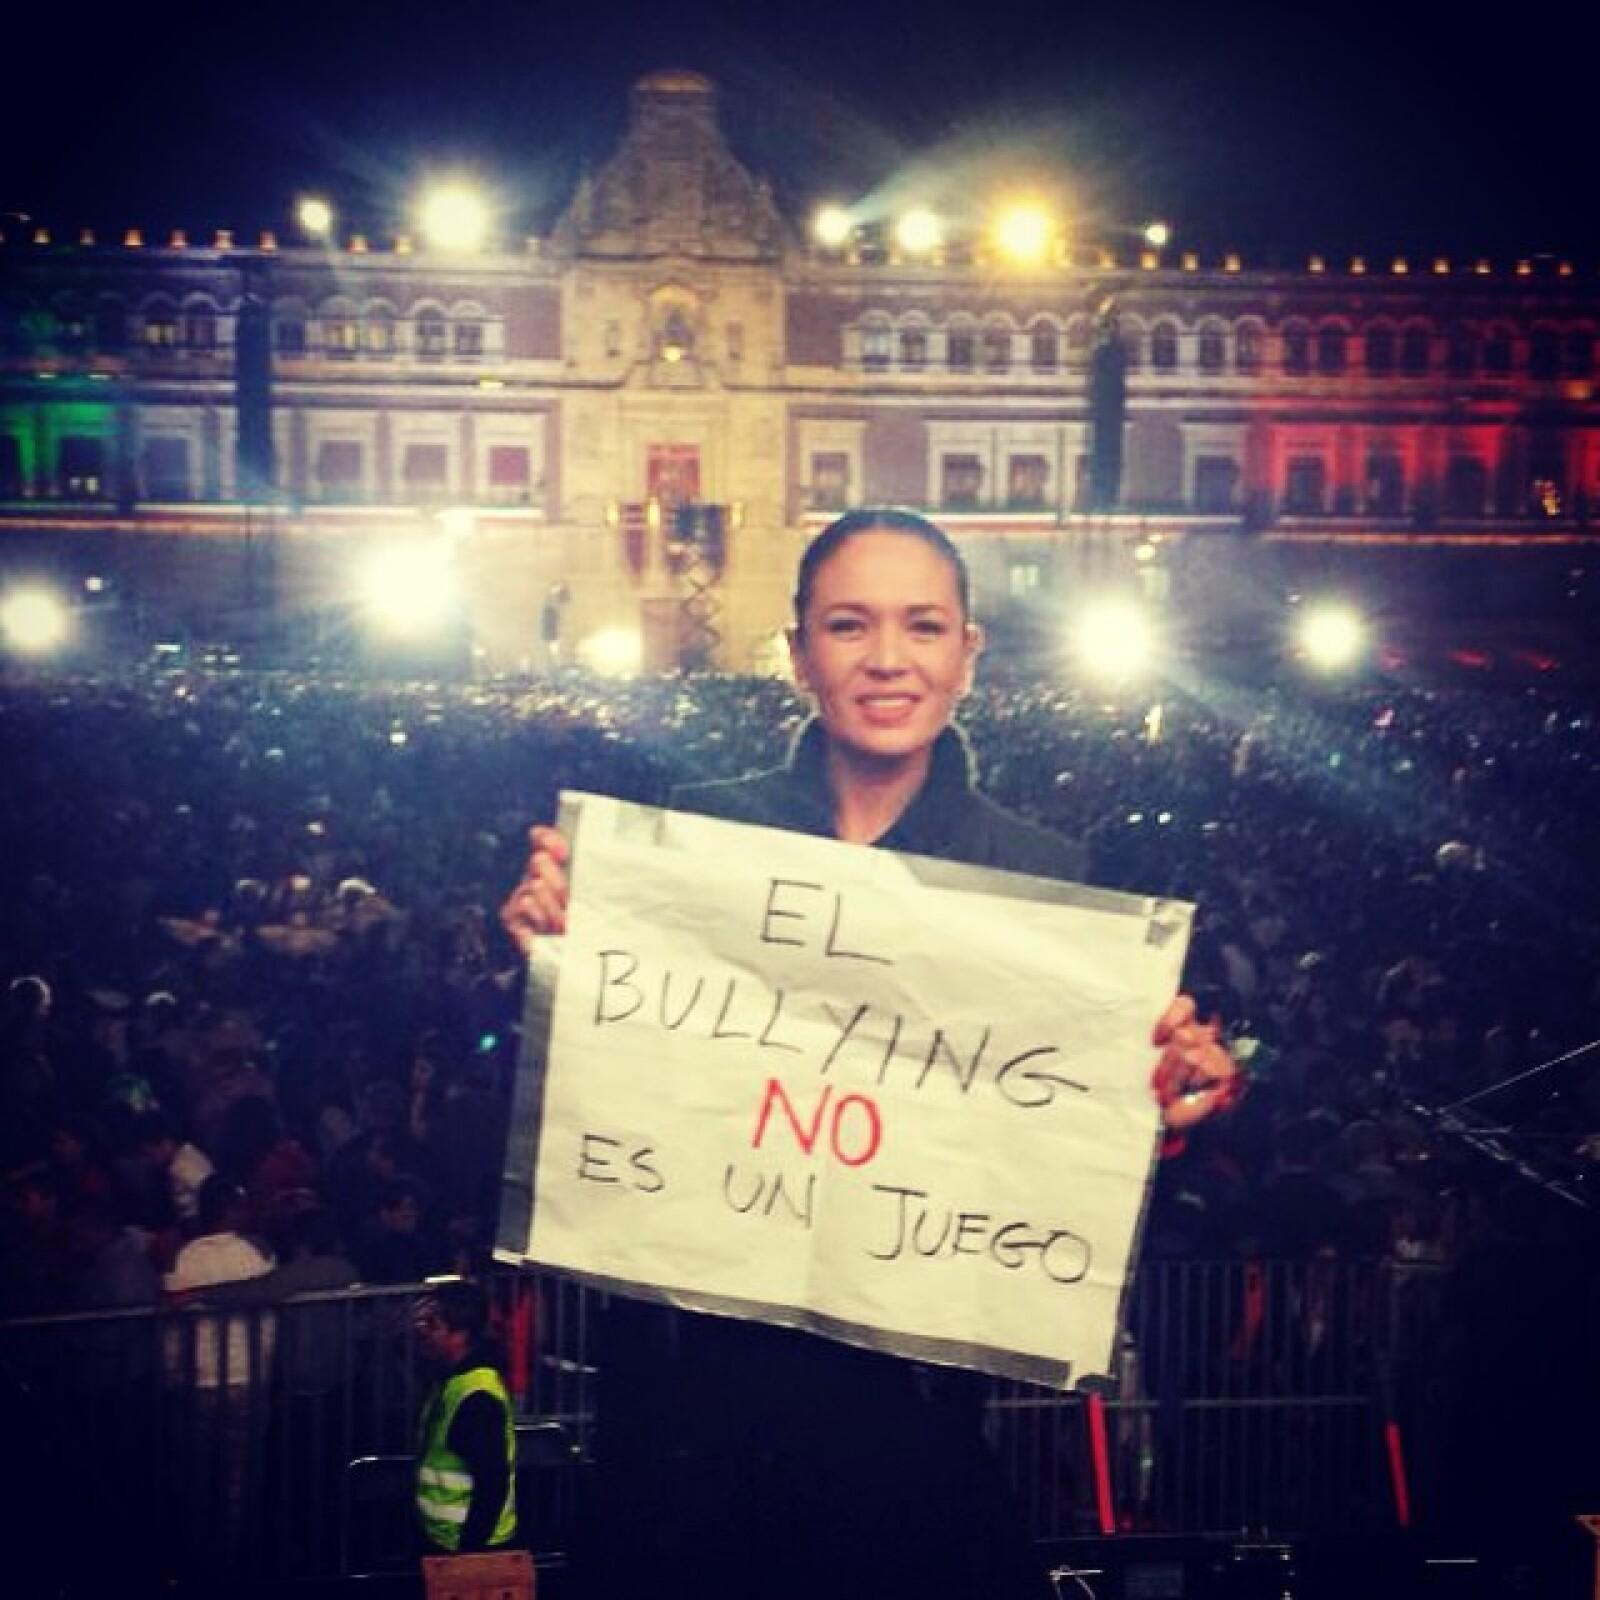 Yolanda Andrade aprovechó su presencia en el Zócalo para hacer eco de la campaña El bullying no es un juego.